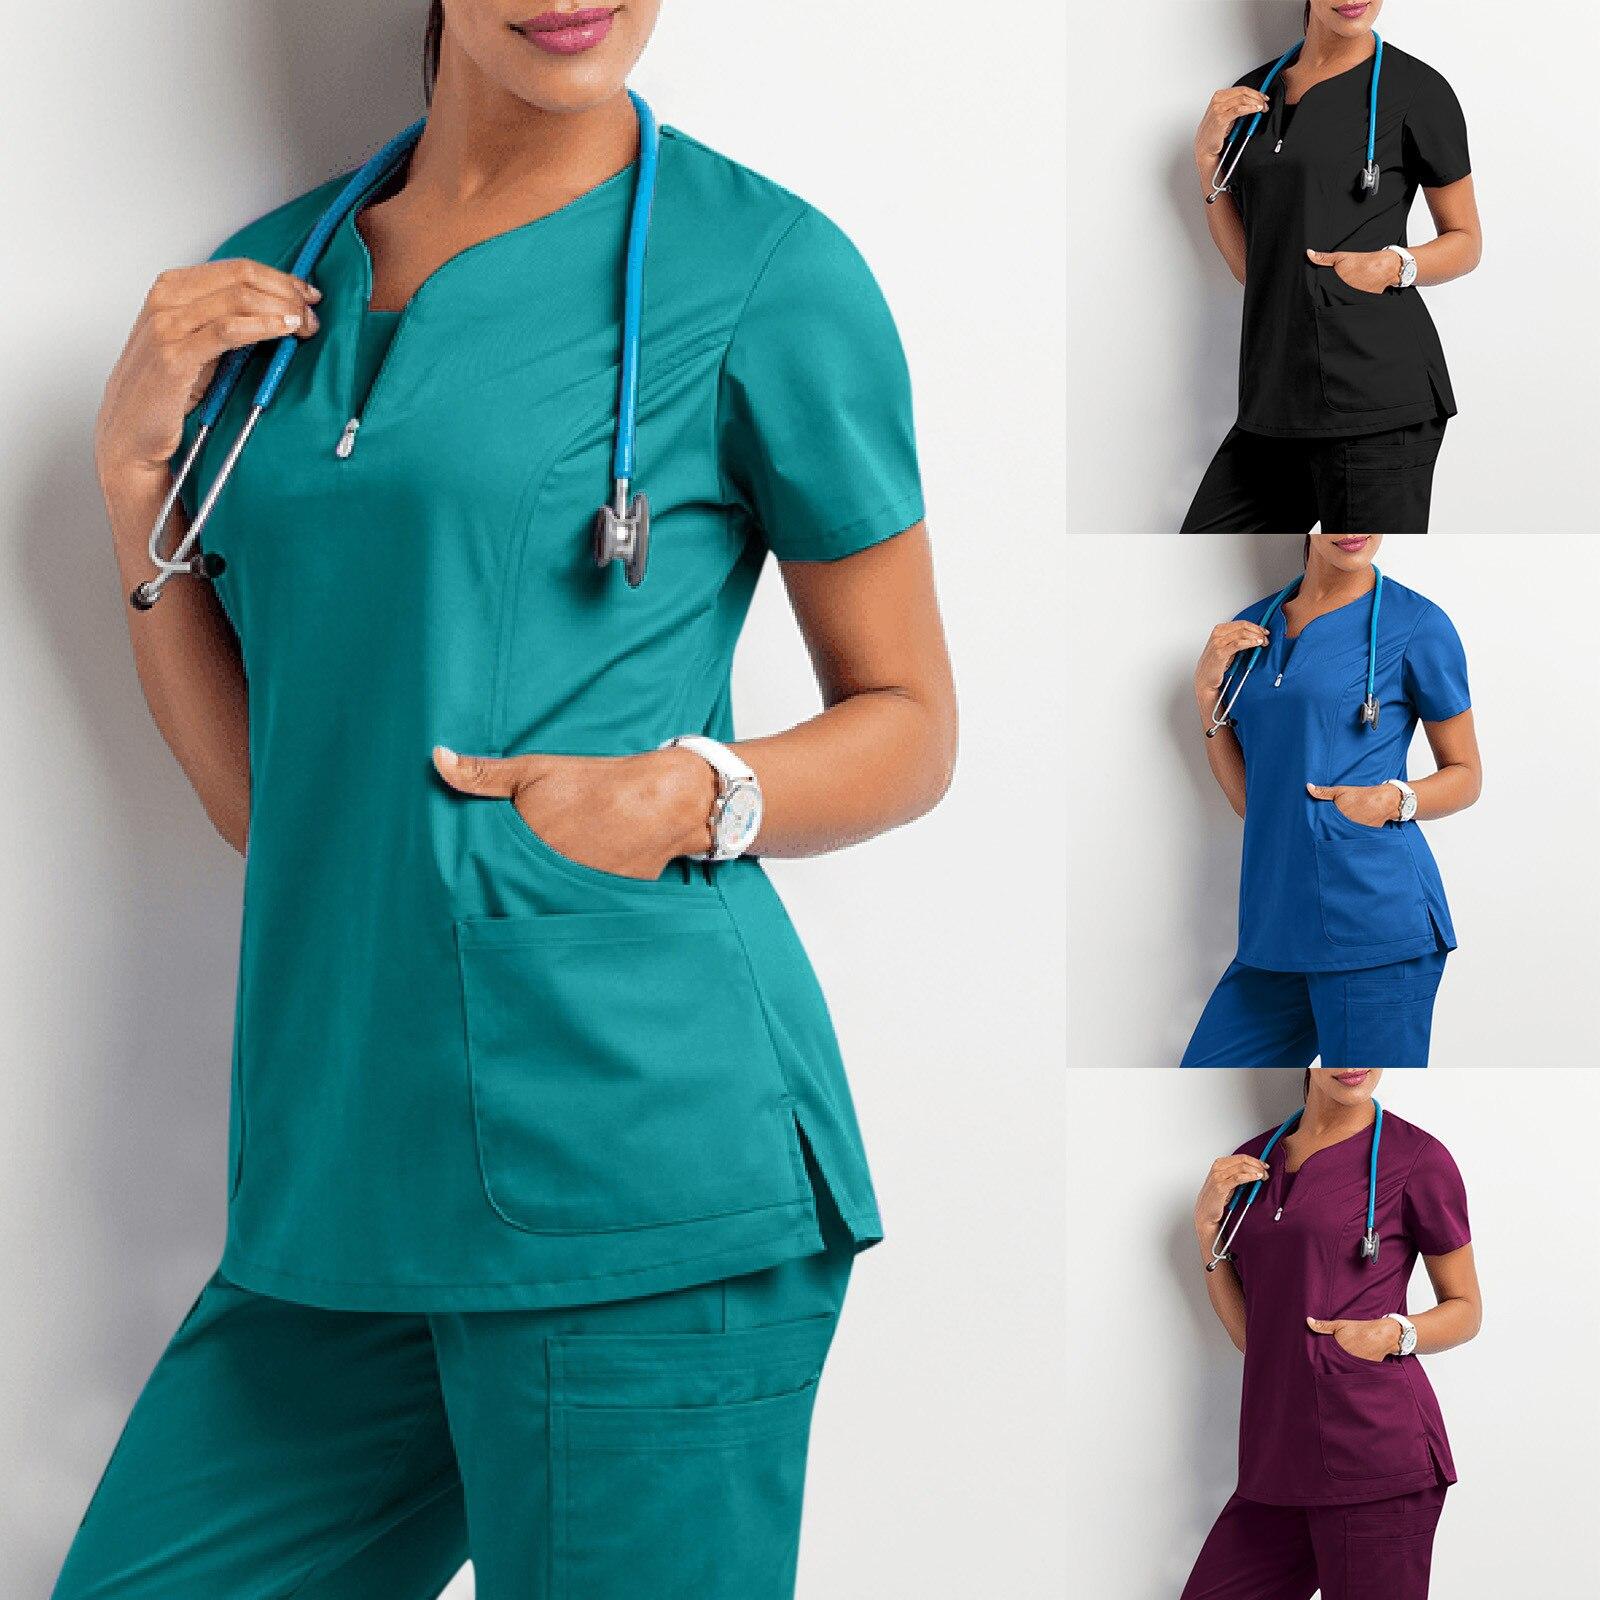 الملابس الطبية للنساء 2021 المرأة قصيرة الأكمام الخامس الرقبة جيب الرعاية العمال قمم تي شيرت الصيف uniformes دي enfermera mujer